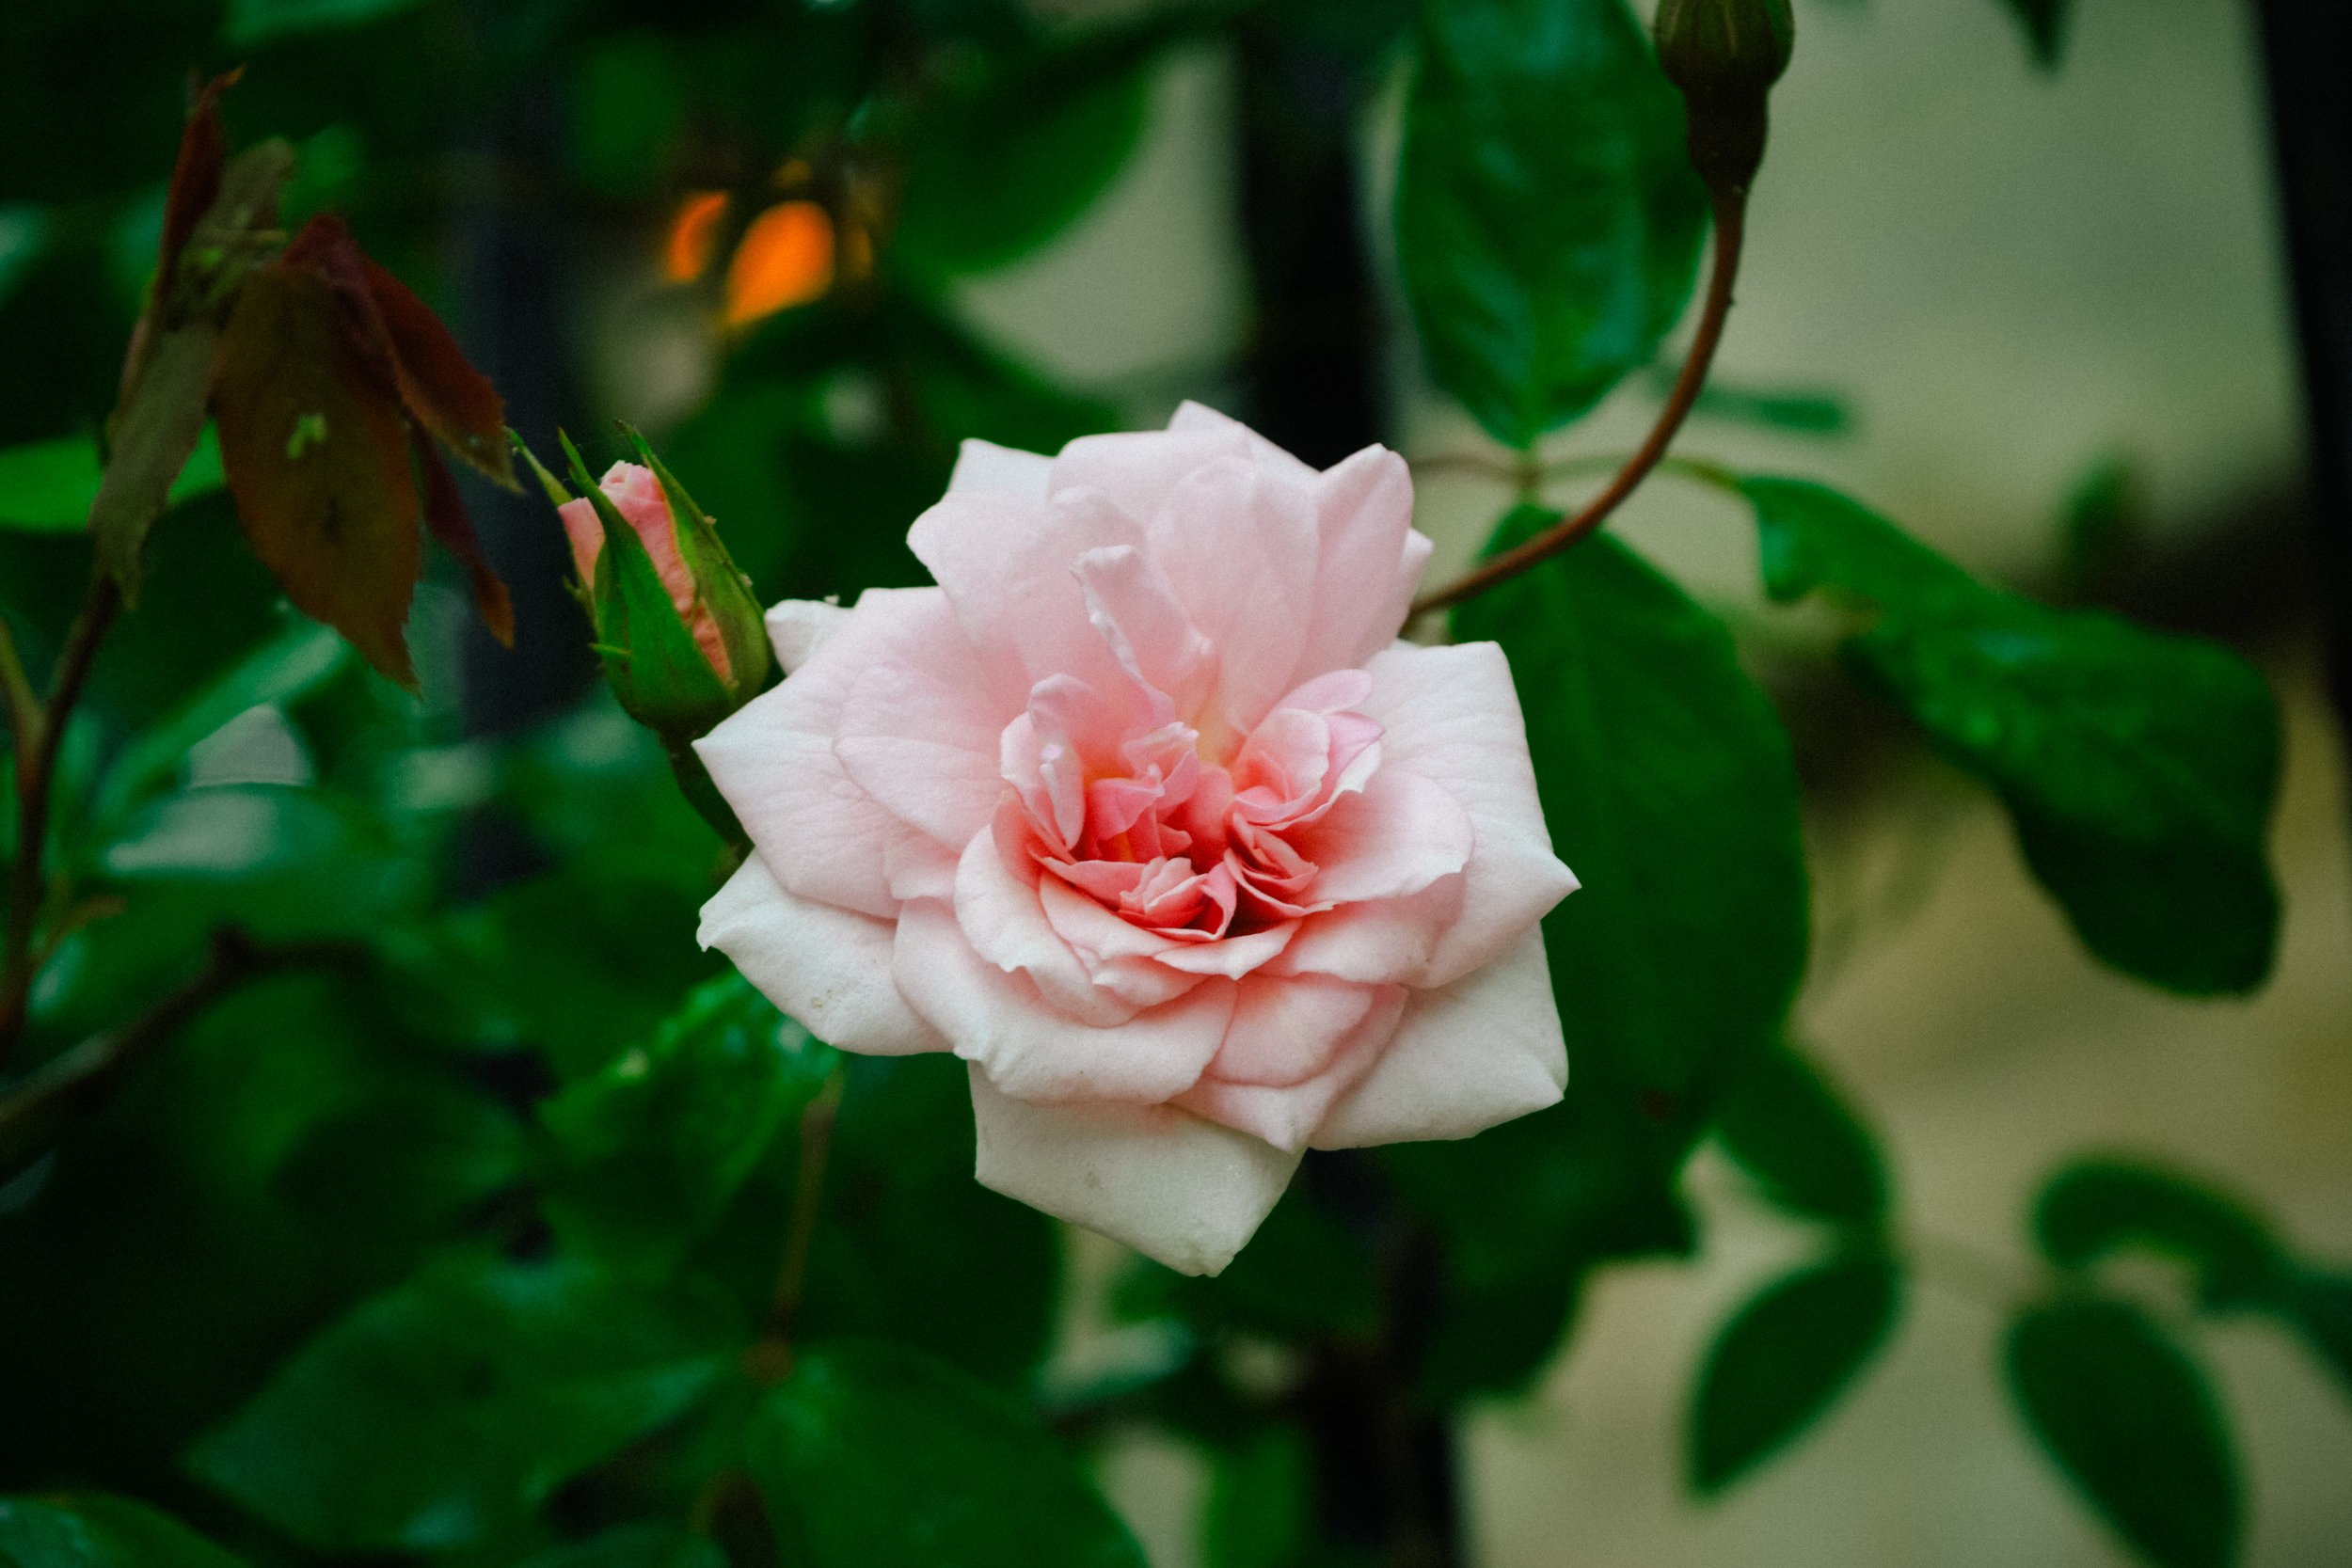 Rose in Oxford